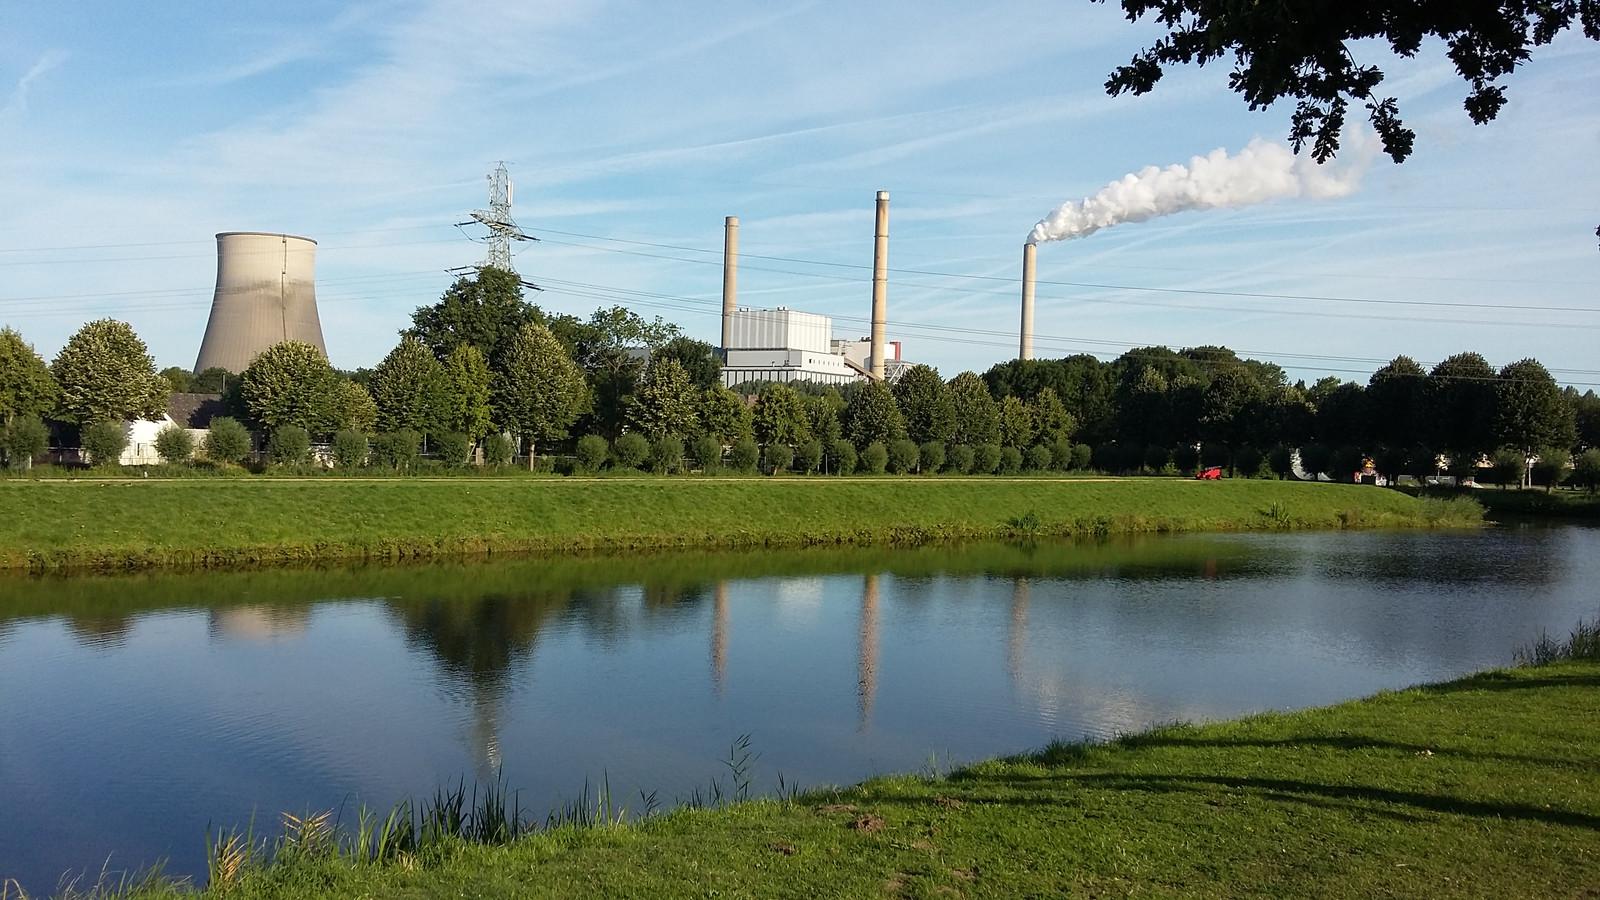 De Amercentrale in Geertruidenberg. Links de koeltoren.